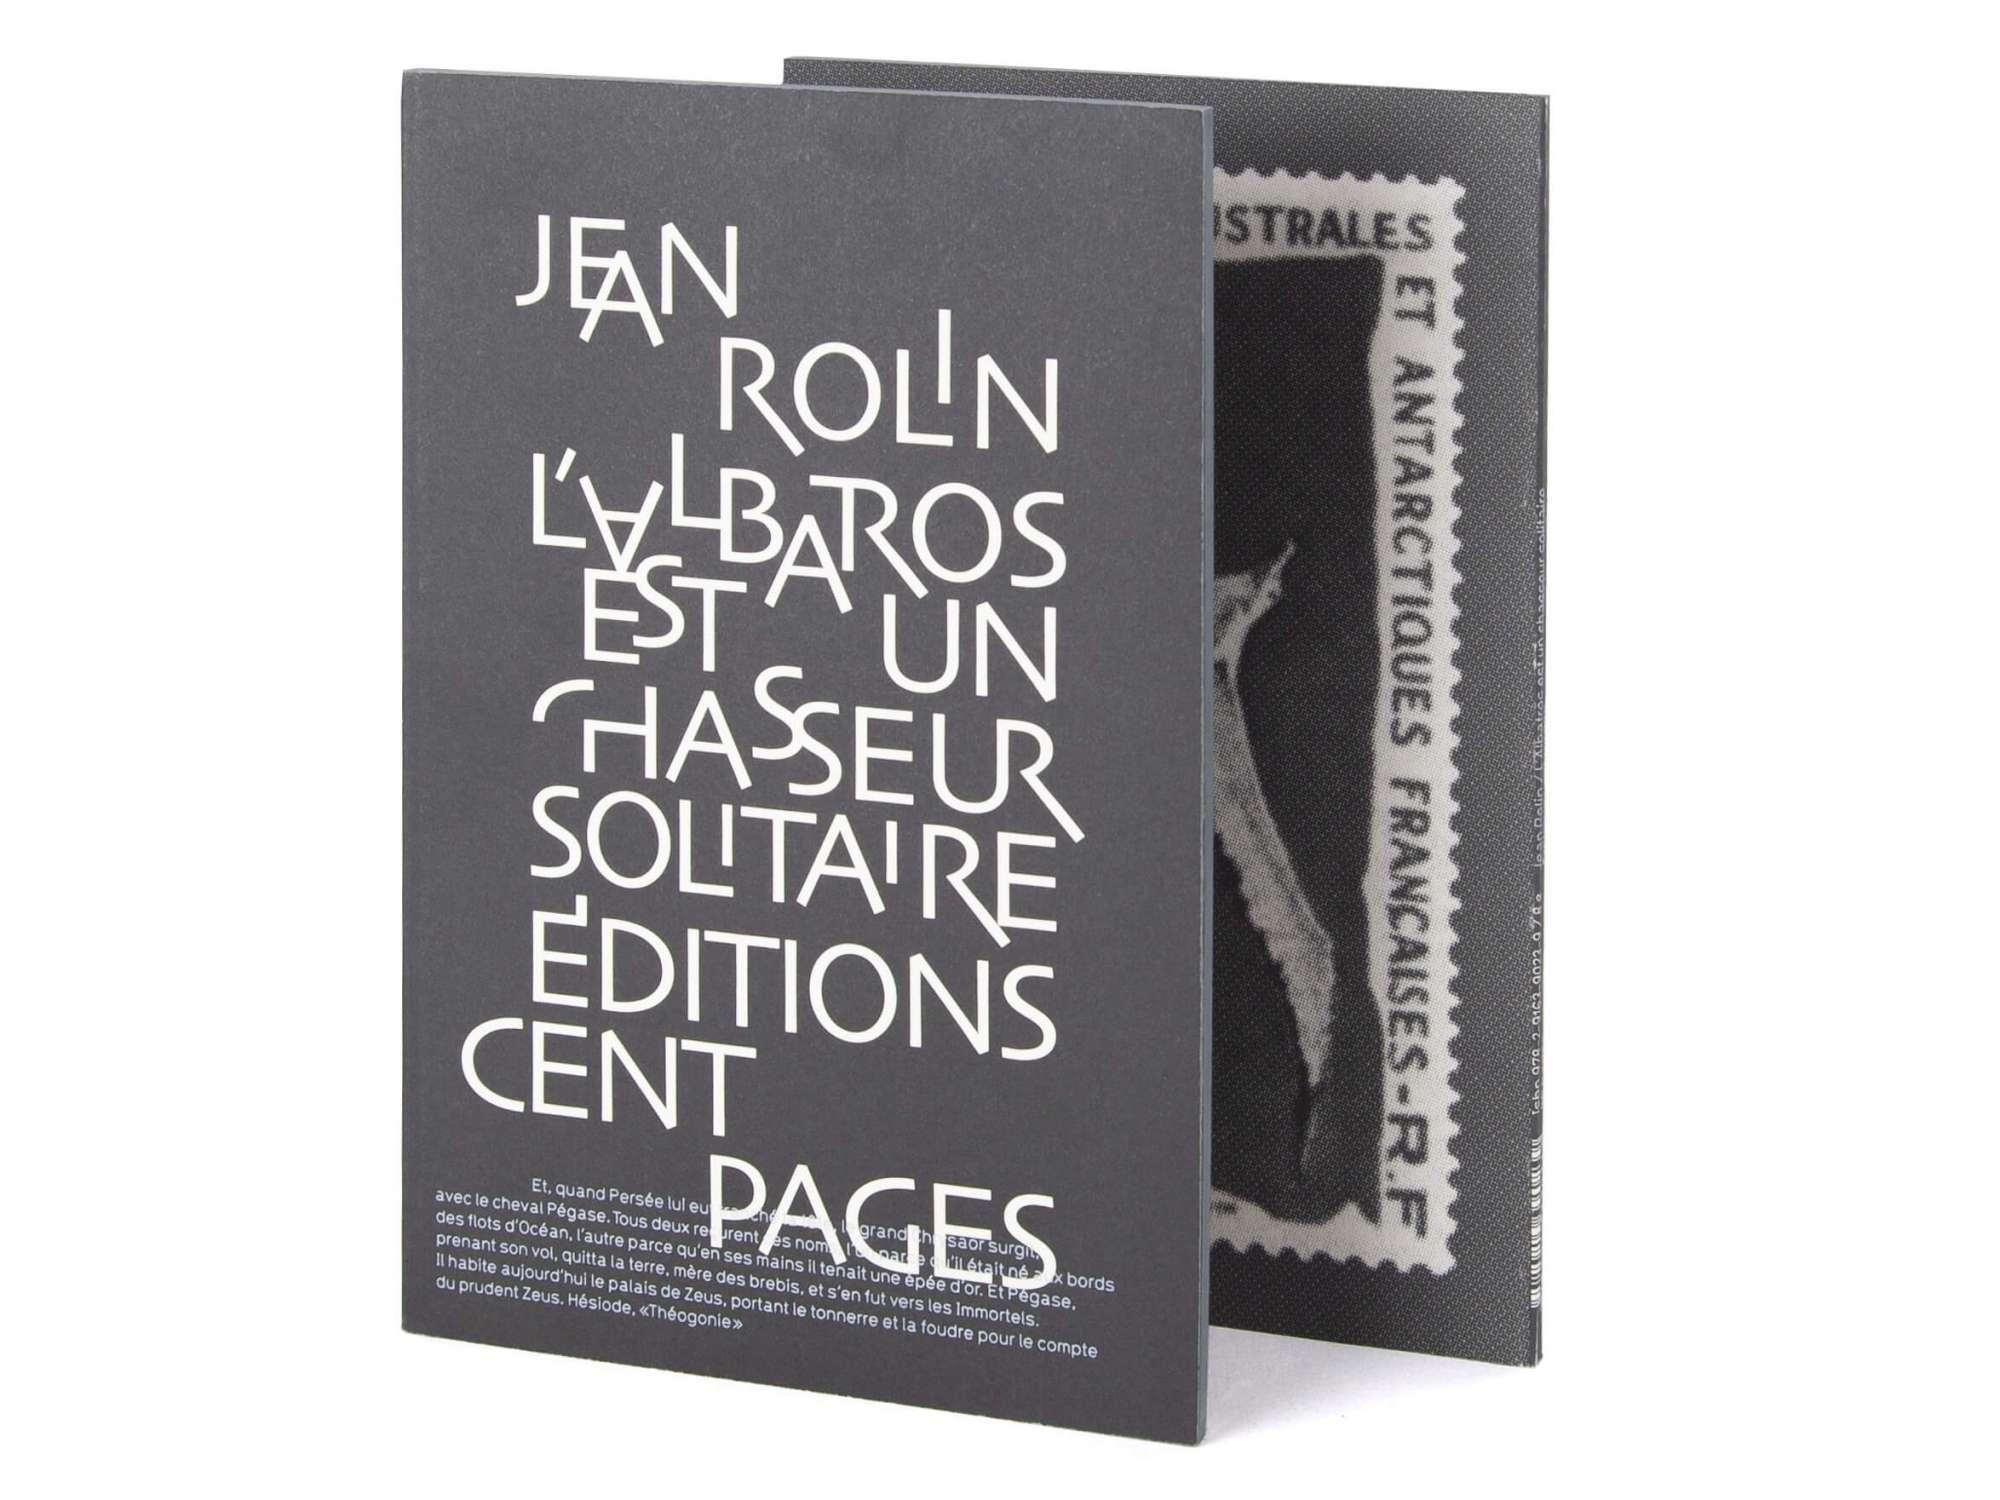 Jean Rolin - L'Albatros est...